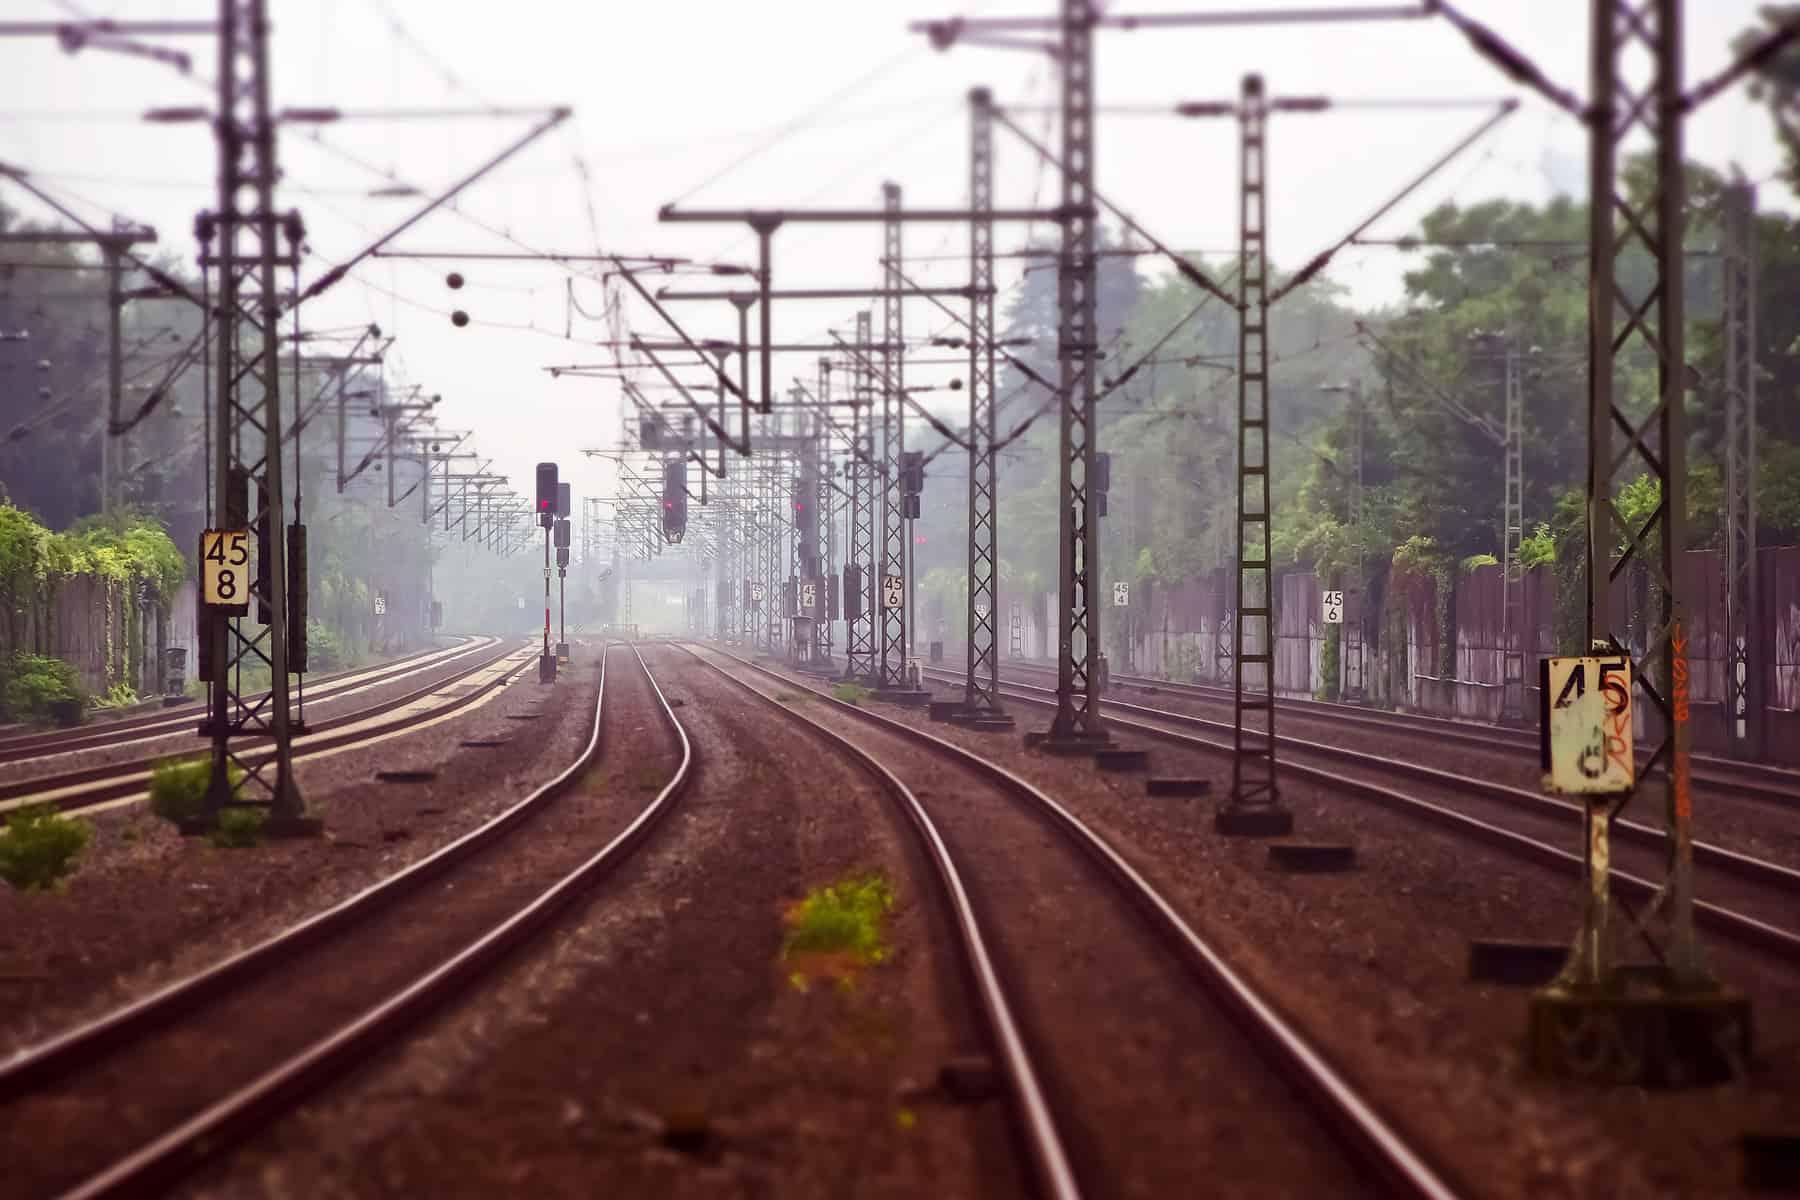 Train from Bucharest to Chisinau